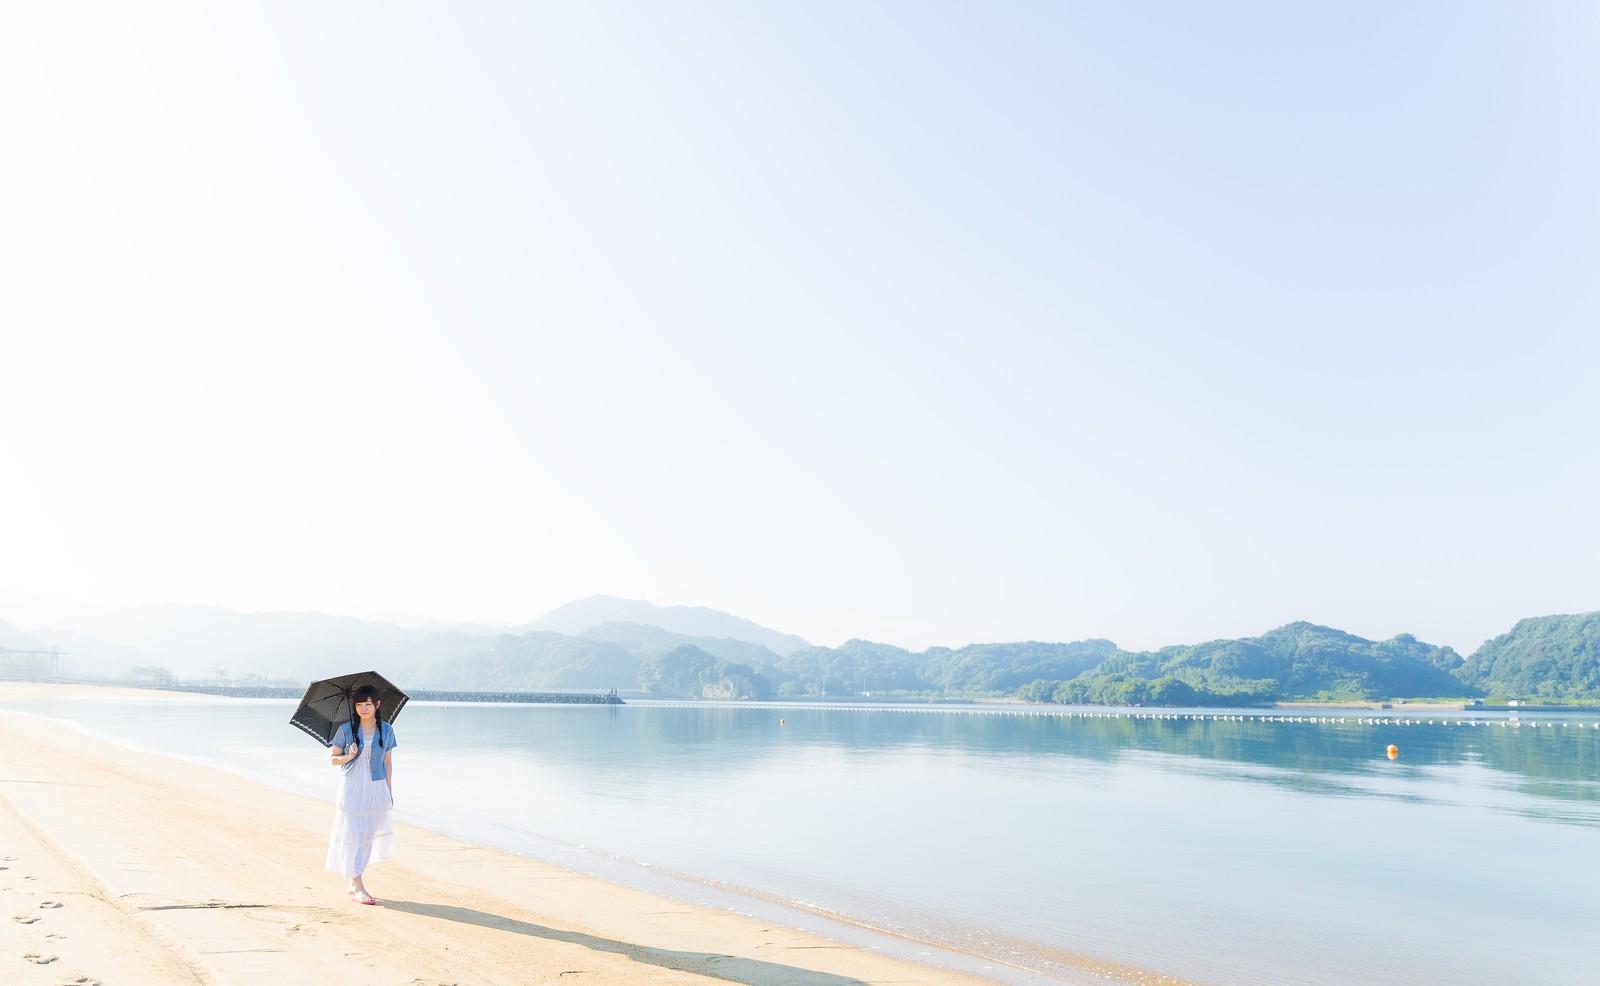 【八景島シーパラダイスの料金】様々な割引を活用してお得に遊ぶコツ!